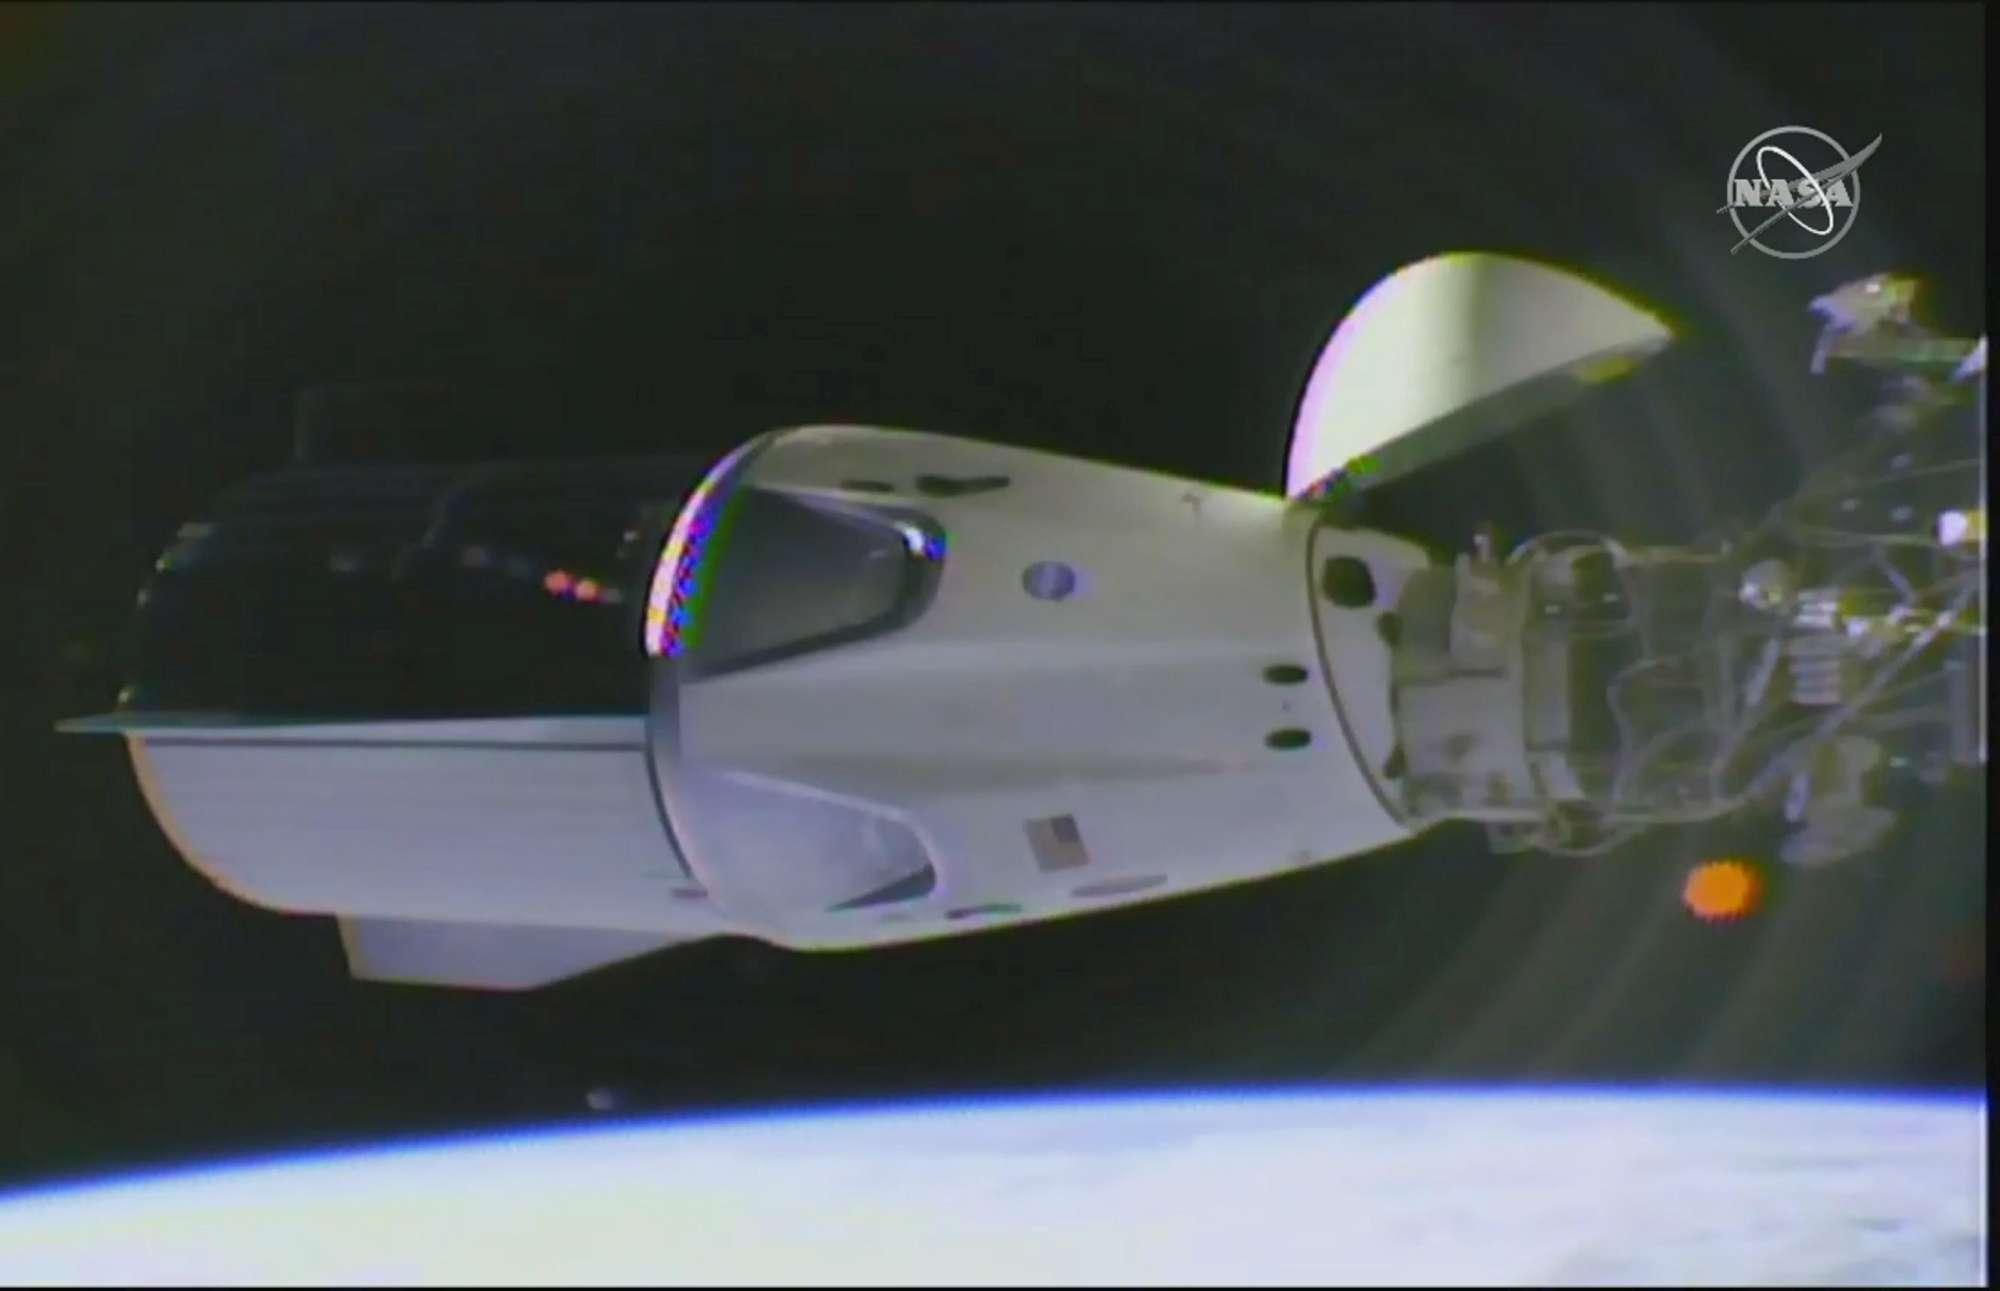 La Capsula Dragon di SpaceX si aggancia alla Stazione spaziale Iss